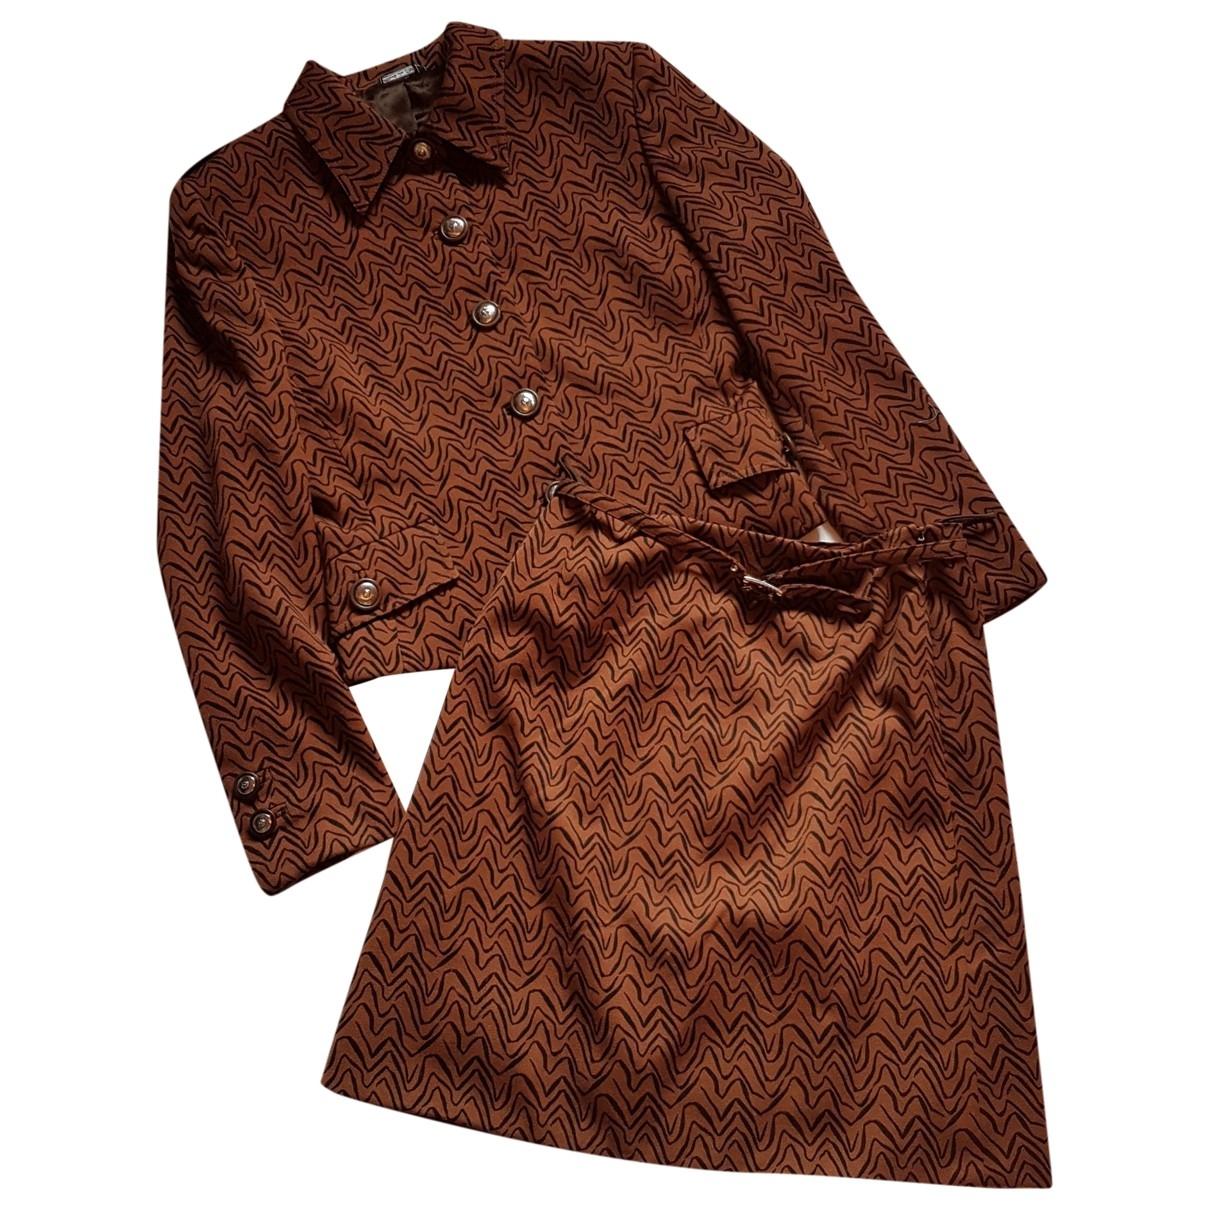 Gianni Versace \N Brown Wool jacket for Women 40 IT